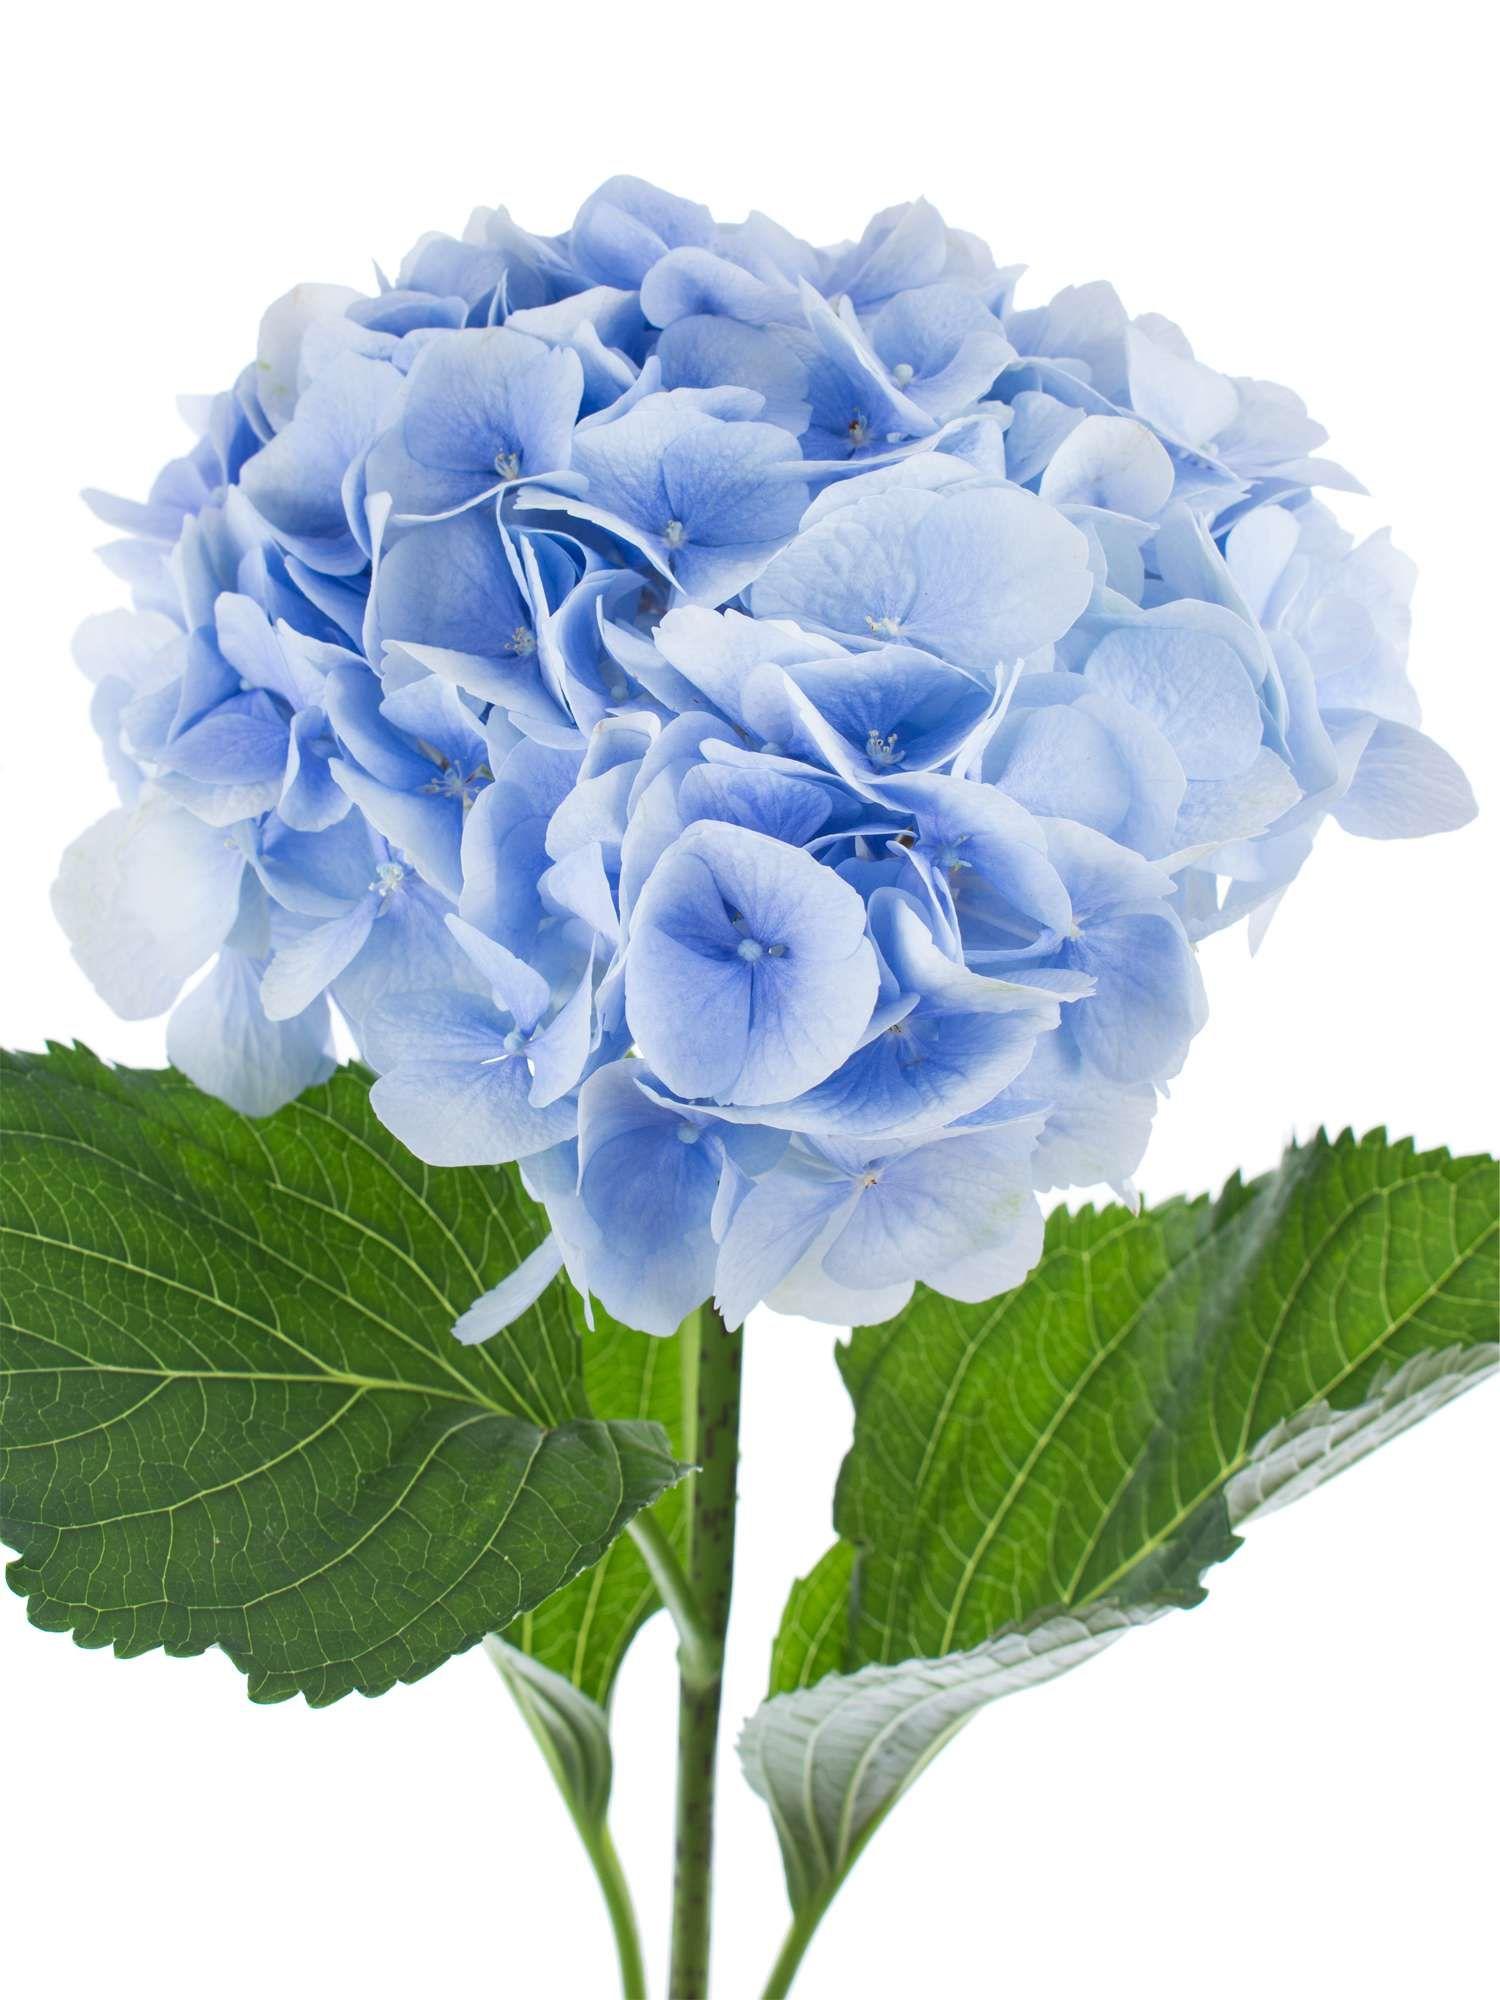 Hortensie Verena blau hell blau  Hochzeit  Blau